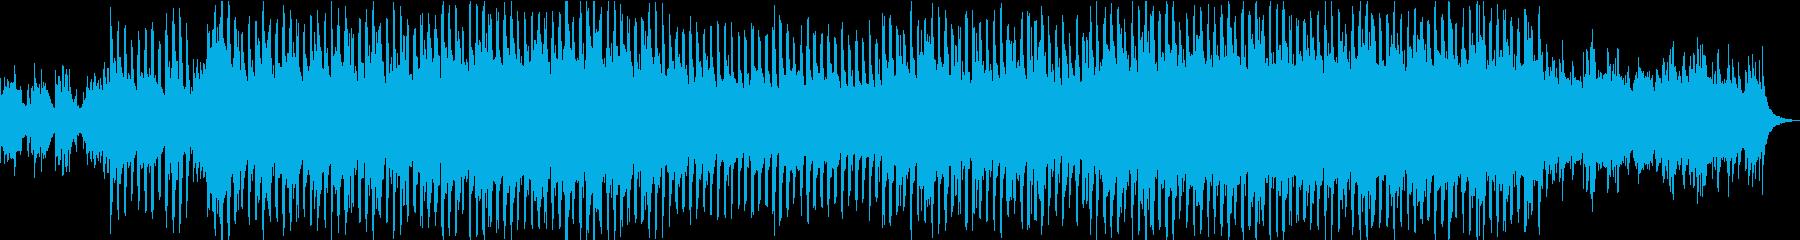 和風の琴と尺八のテクノポップの再生済みの波形